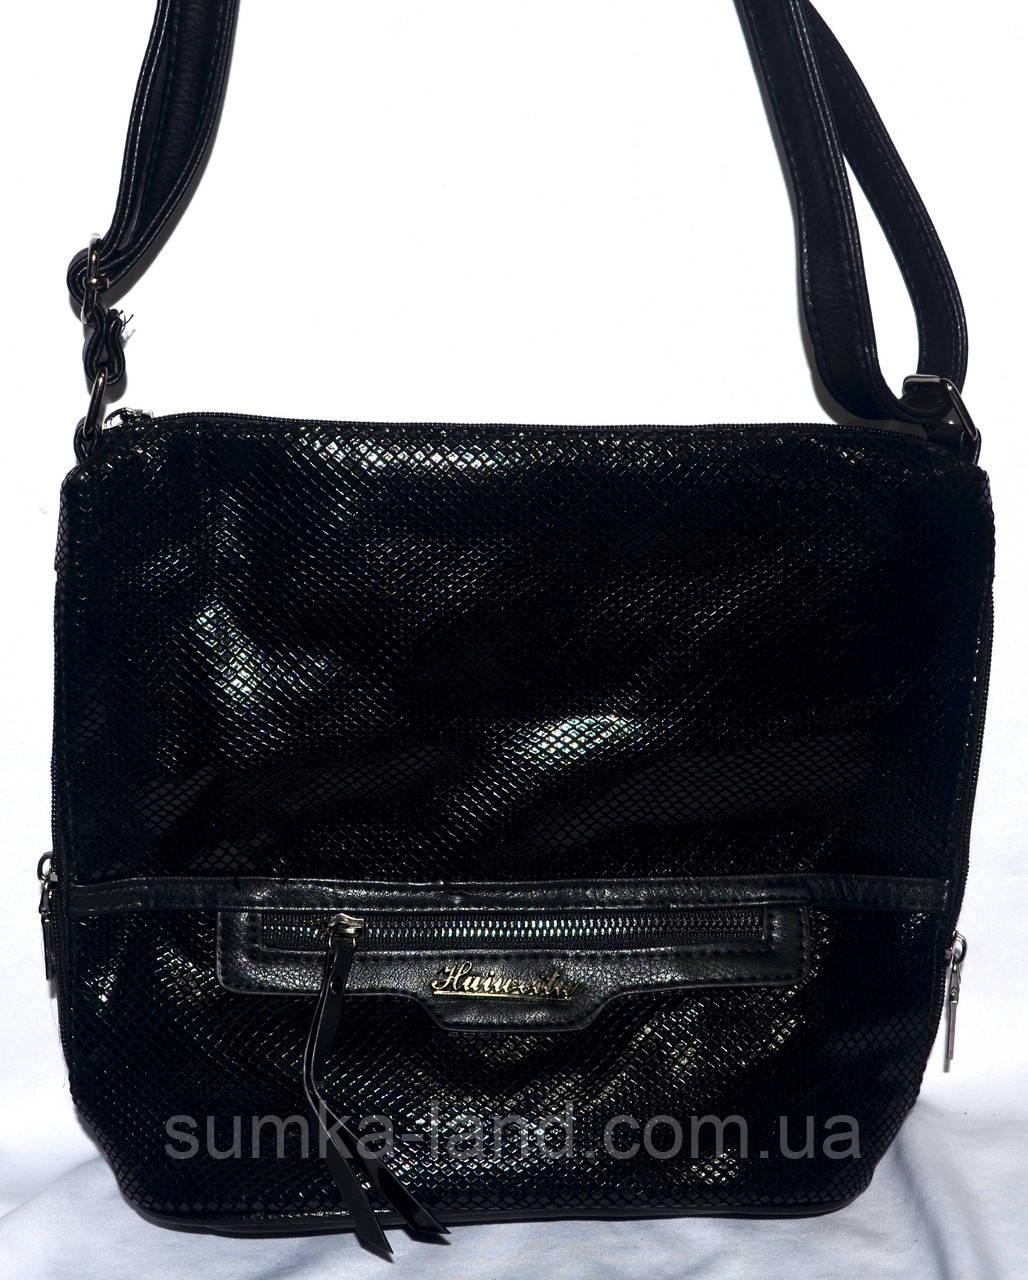 Женская черная сумка-клатч из лазерной кожи 26*25 см